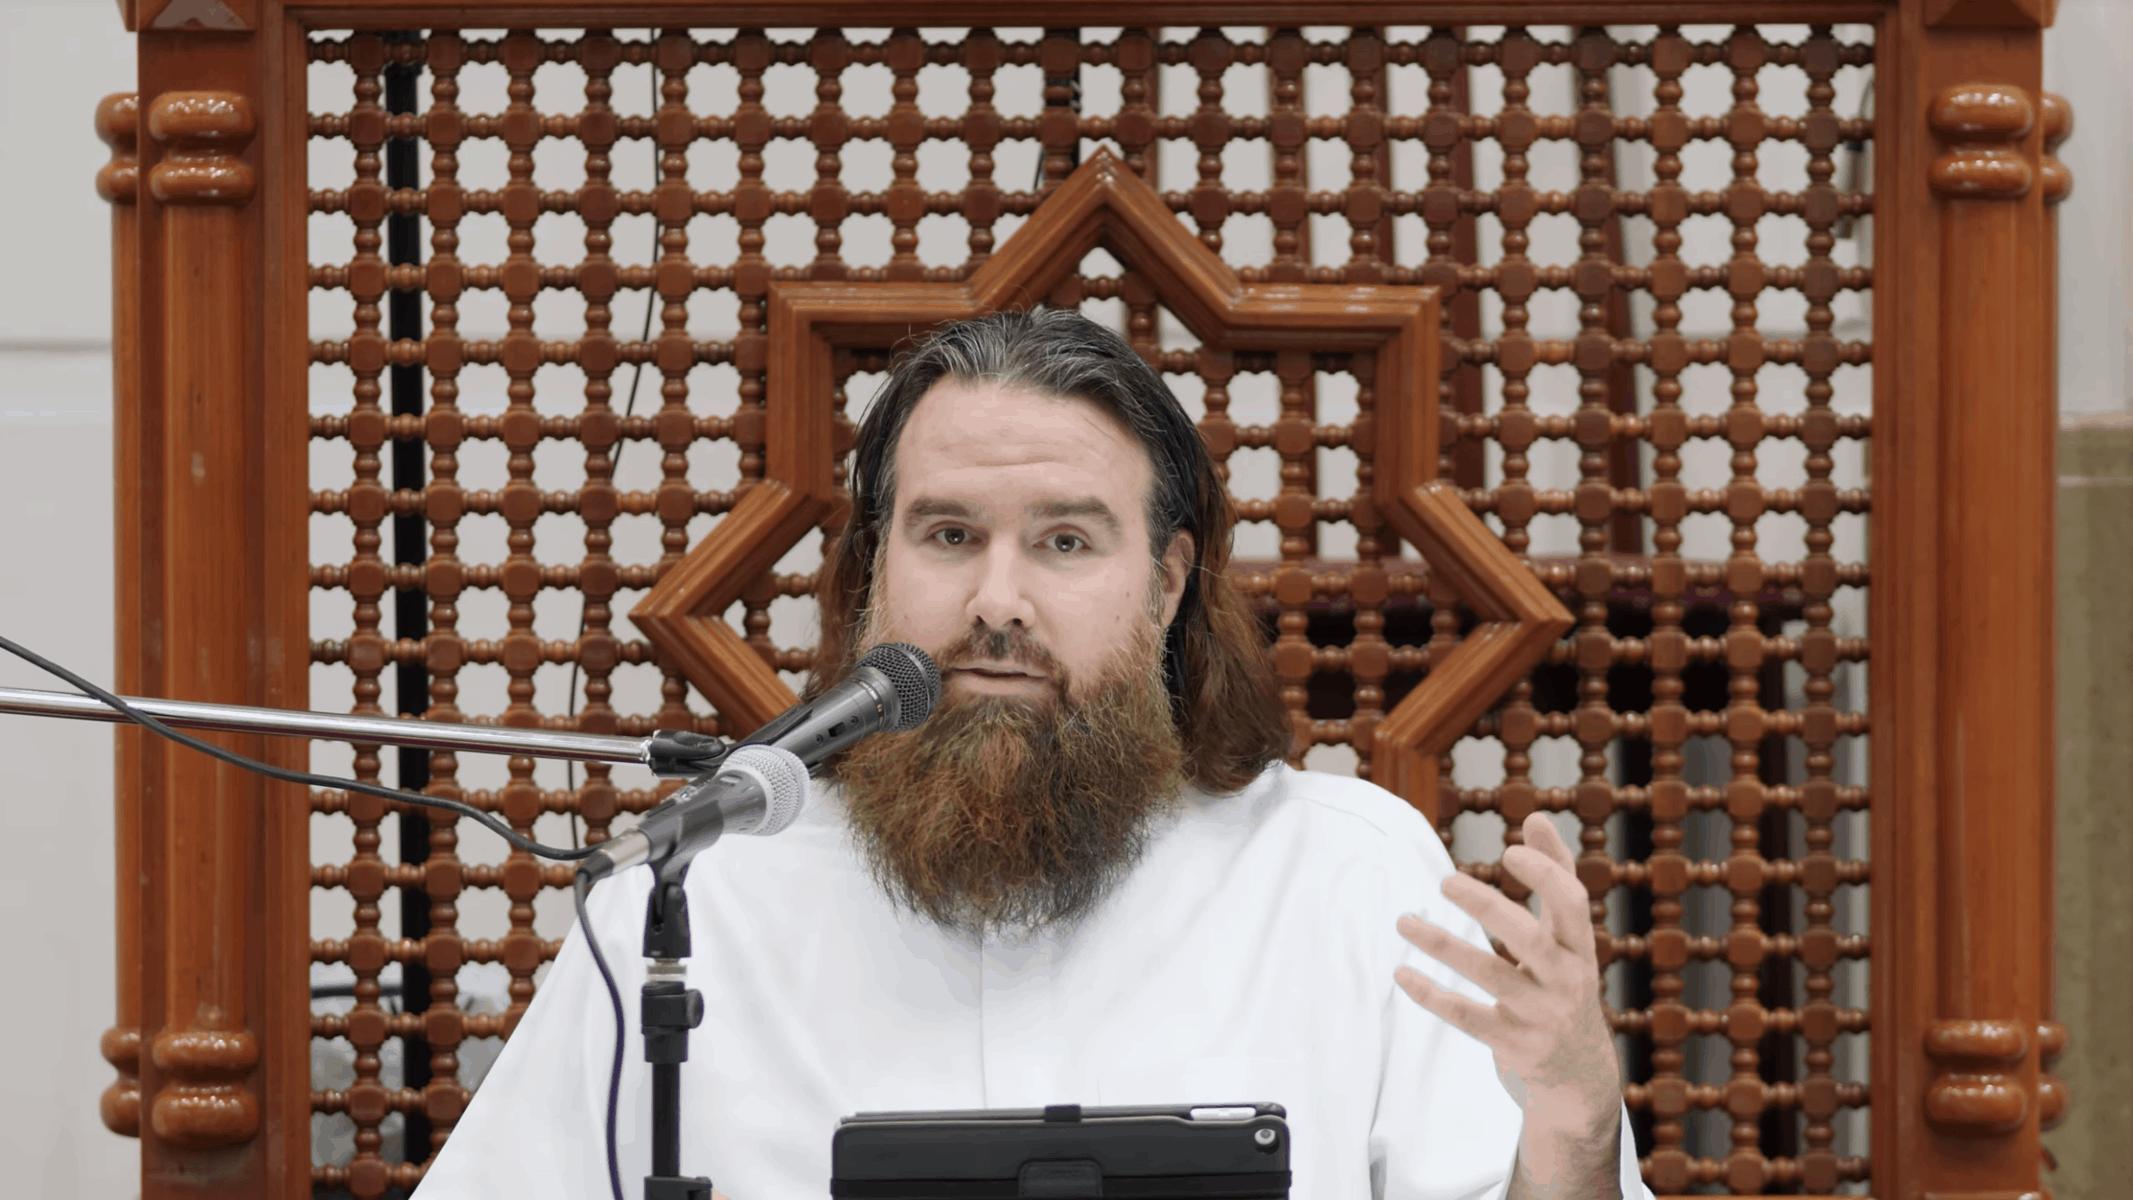 Abdur-Raheem McCarthy – Ten Commandments of Islam